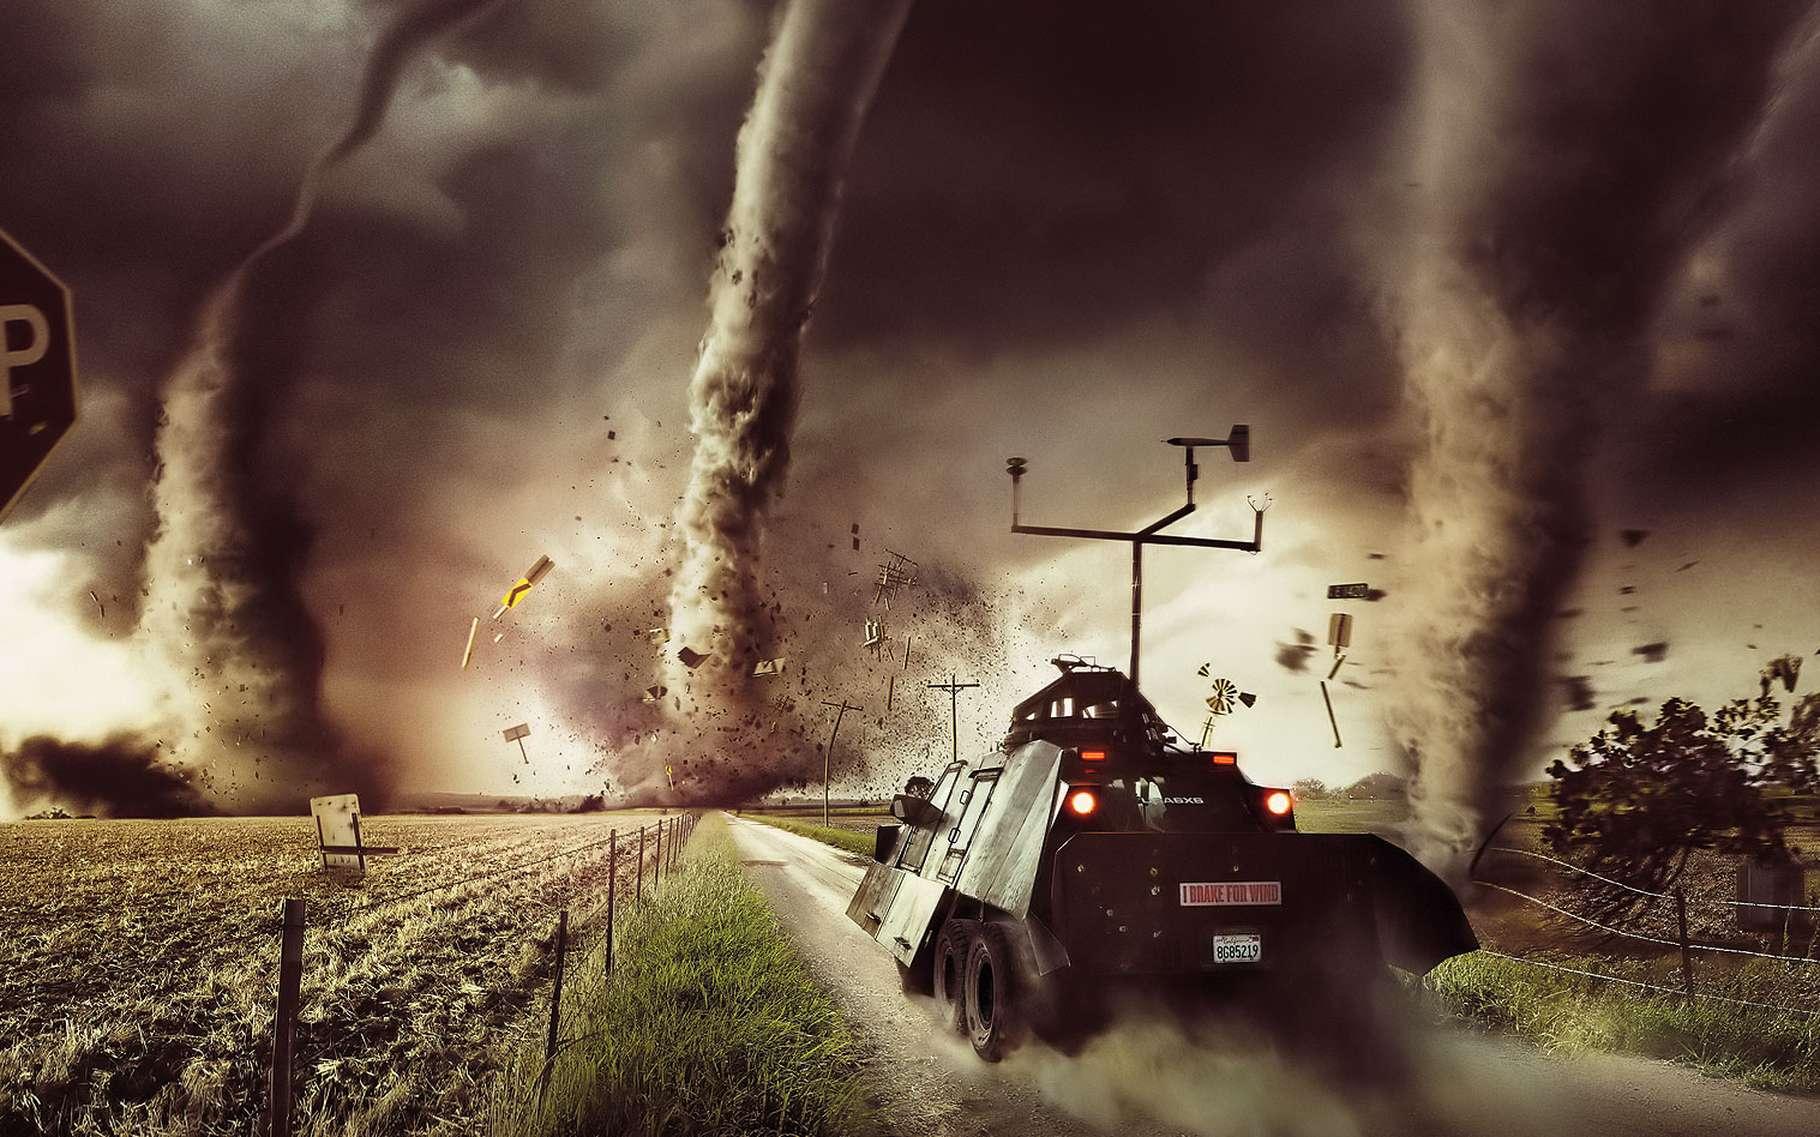 Les tornades sont très difficiles à observer, à modéliser et à prévoir. La science progresse dans ce domaine, aidée par des technologies nouvelles comme le Lidar. © DR